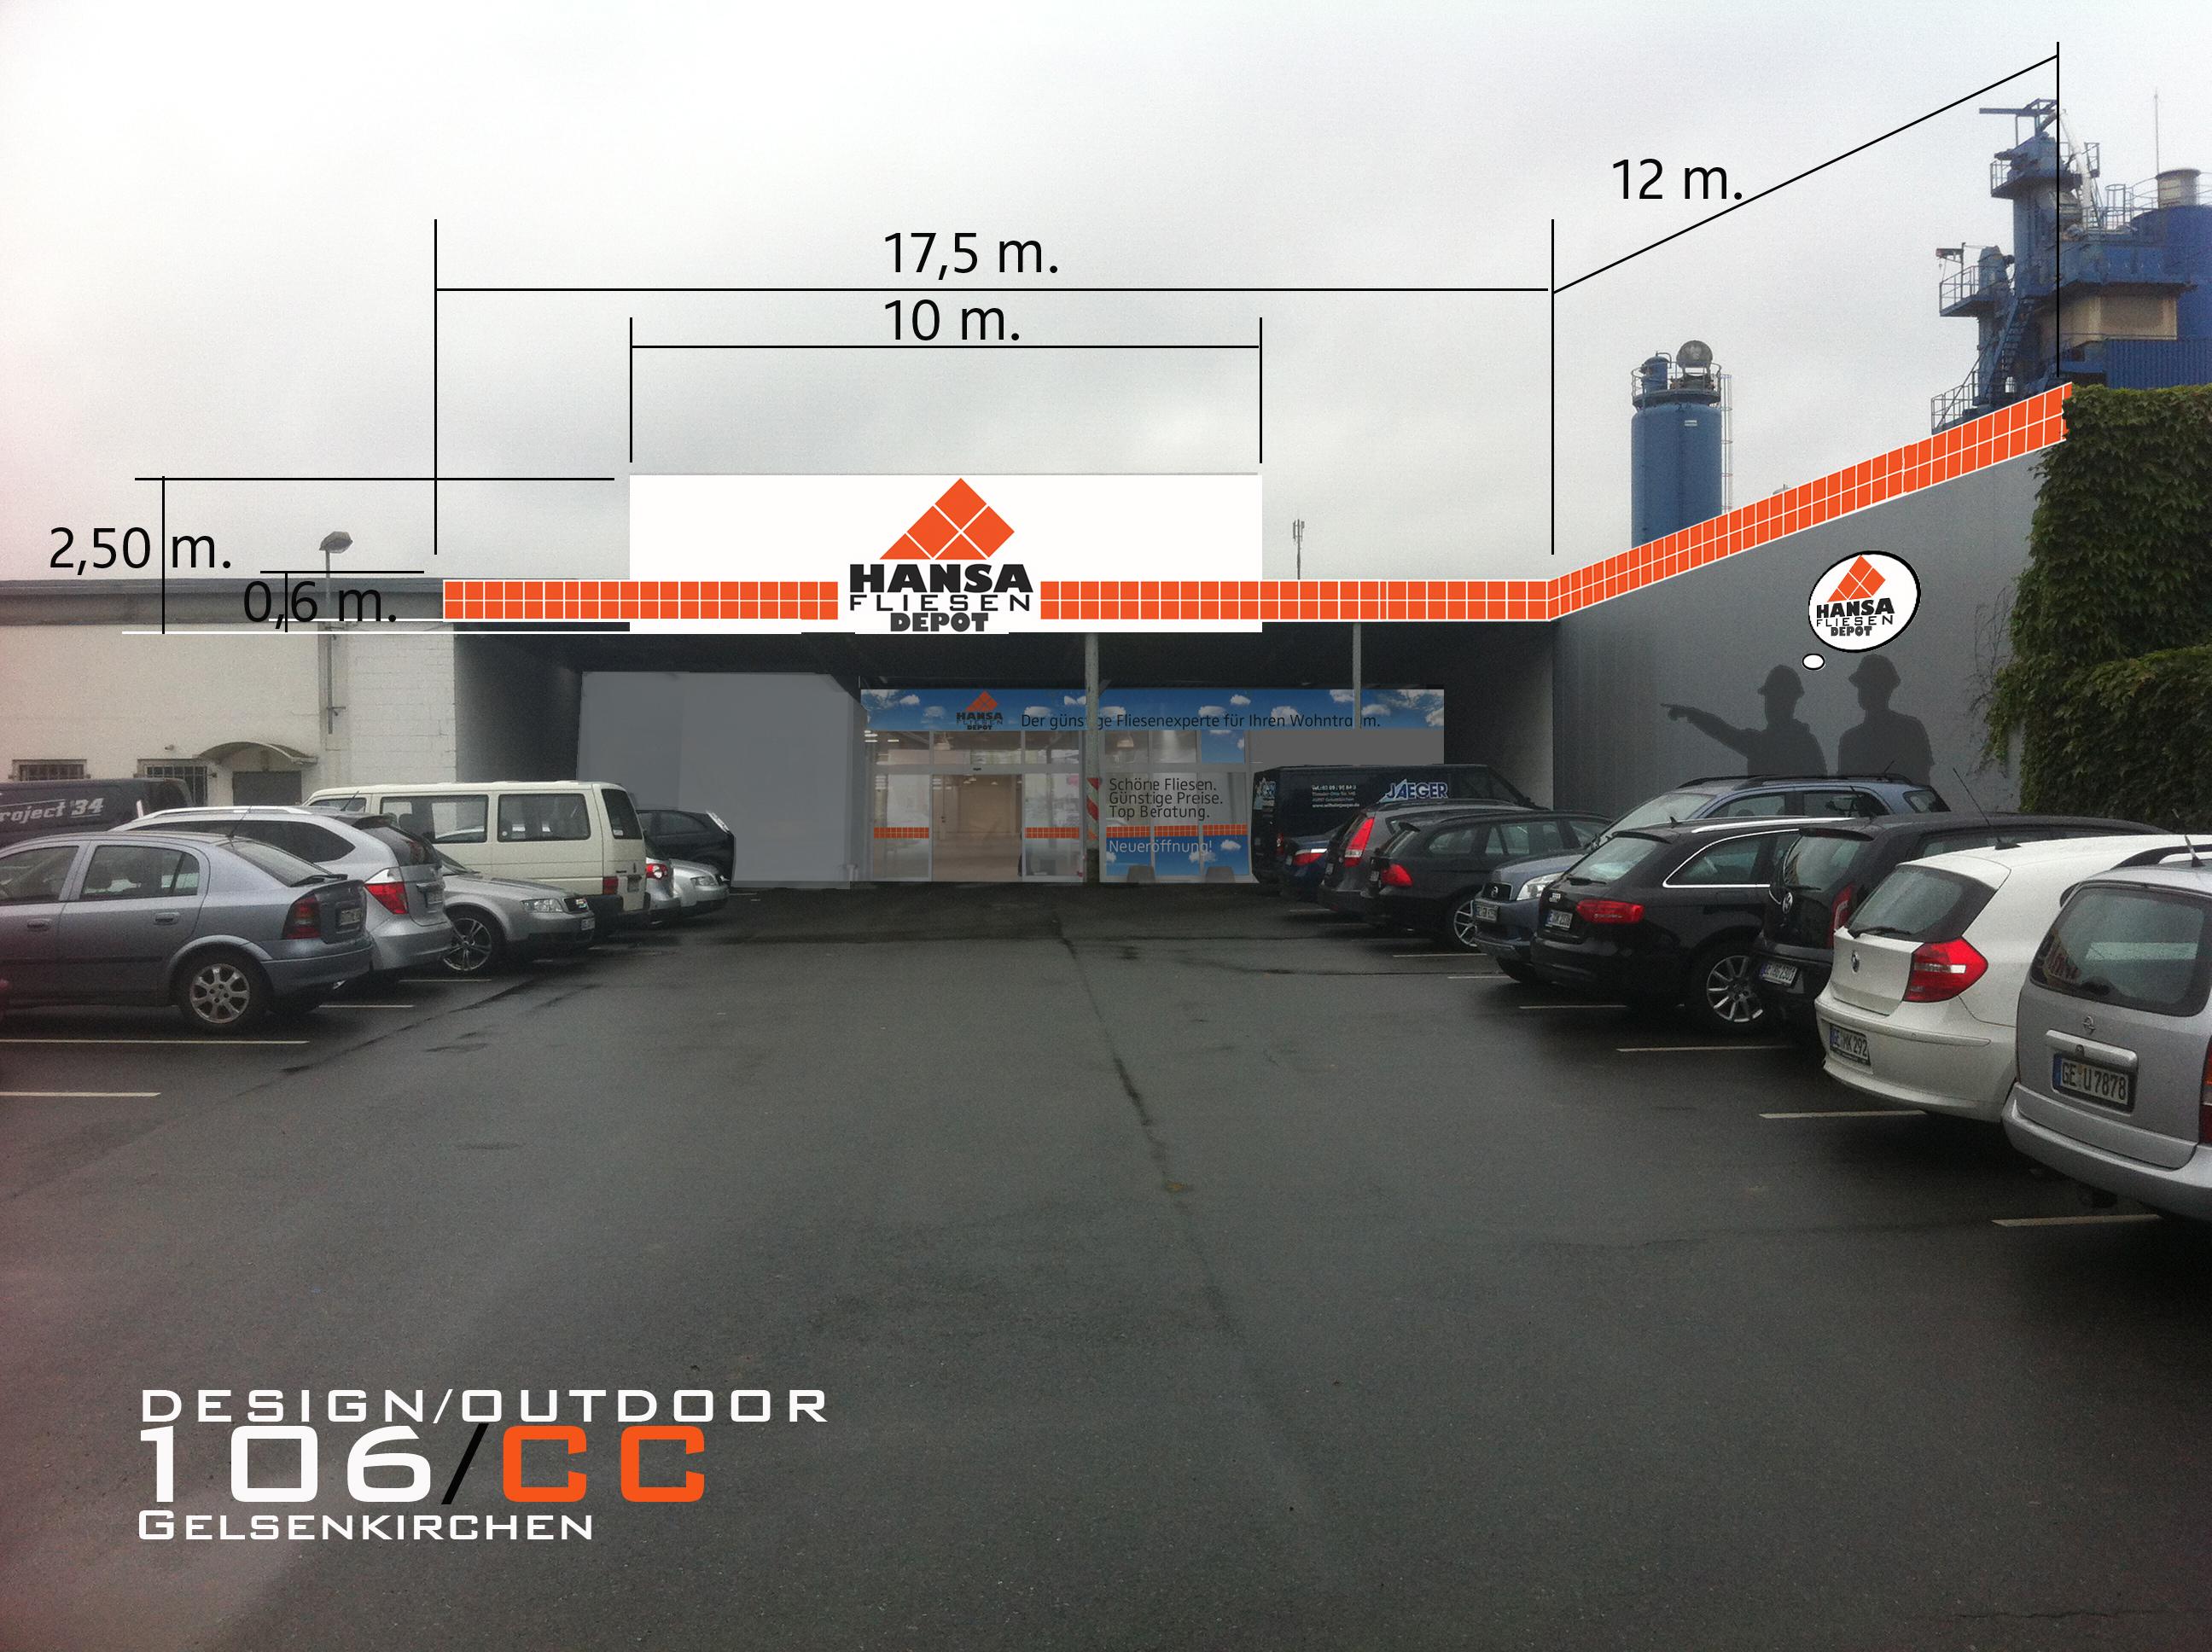 Hansa Fliesen Depot Gelsenkirchen Germany On Behance